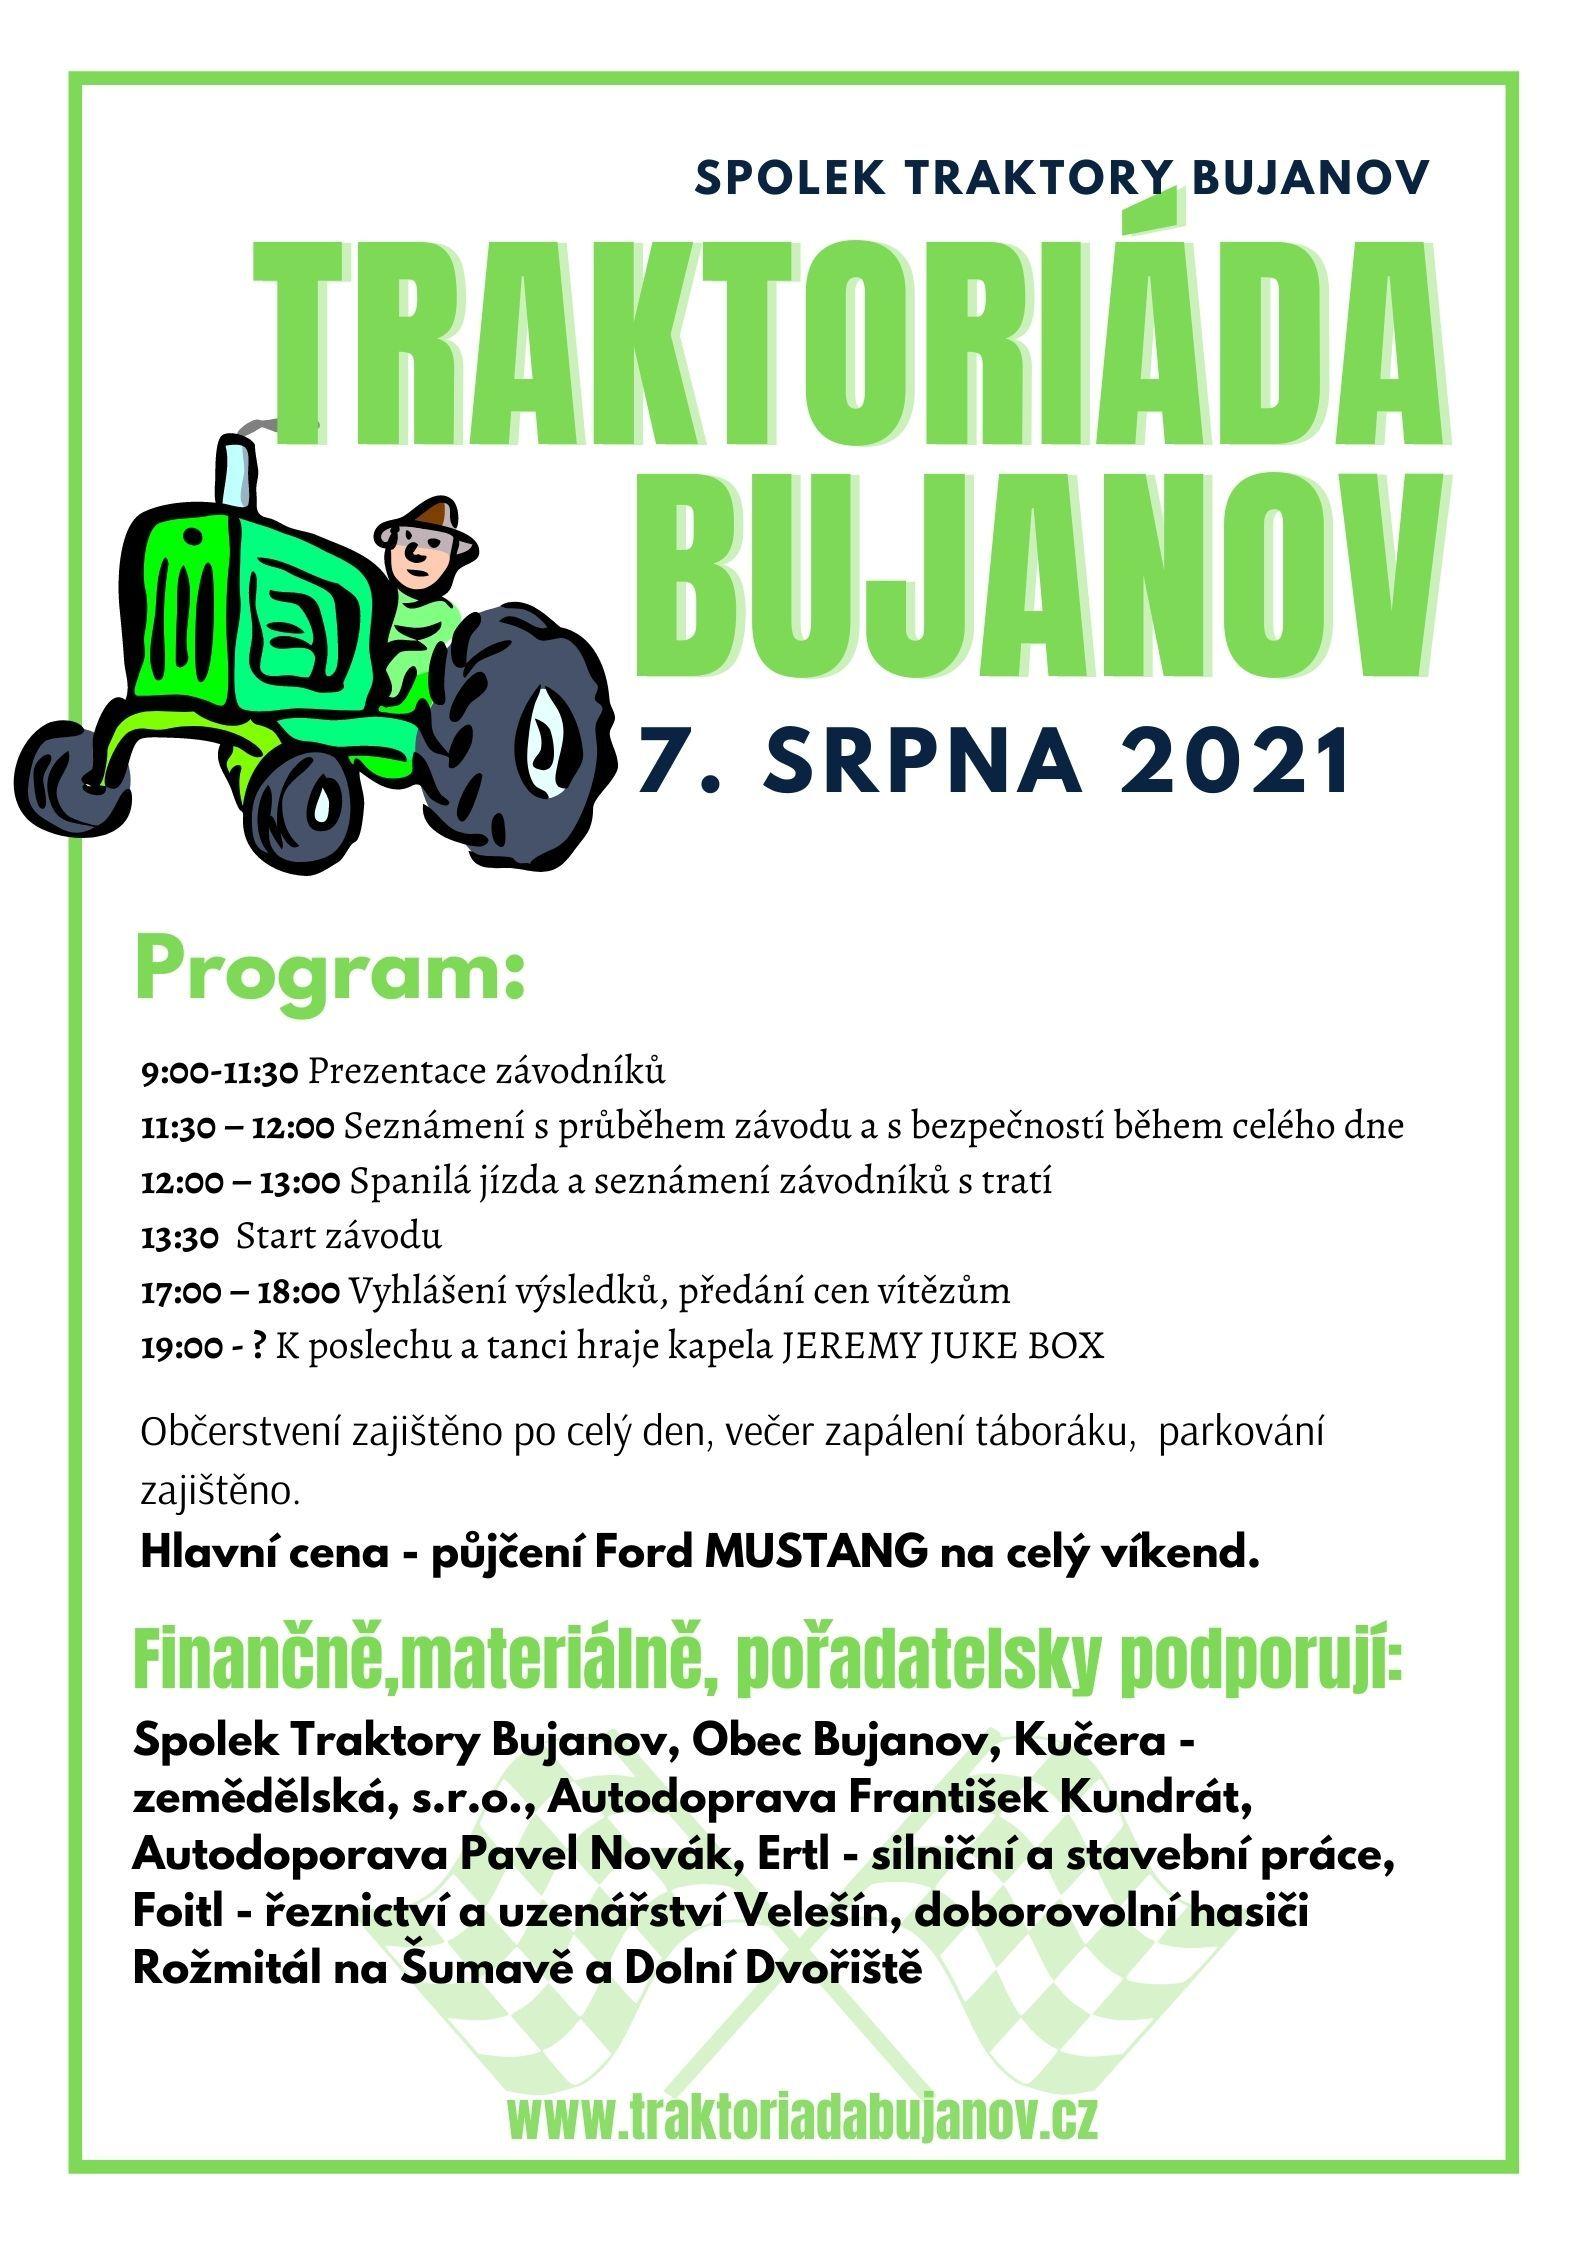 Traktoriáda - BUJANOV